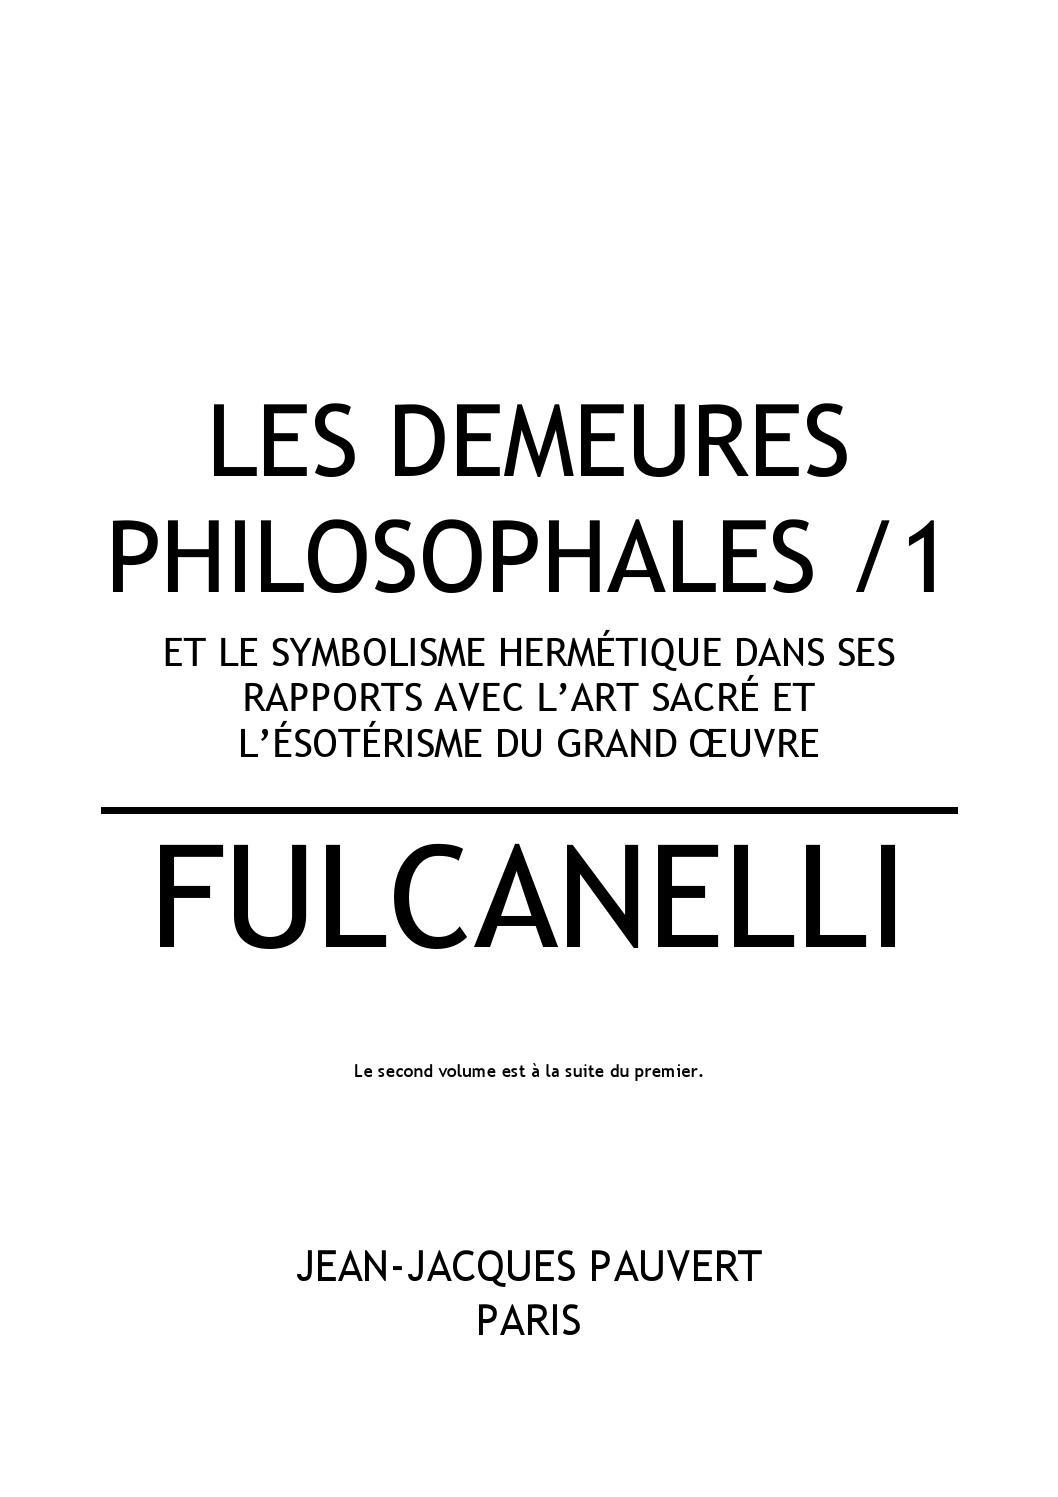 Fulcanelli les demeures philosophales clan9 bibliothèque ...